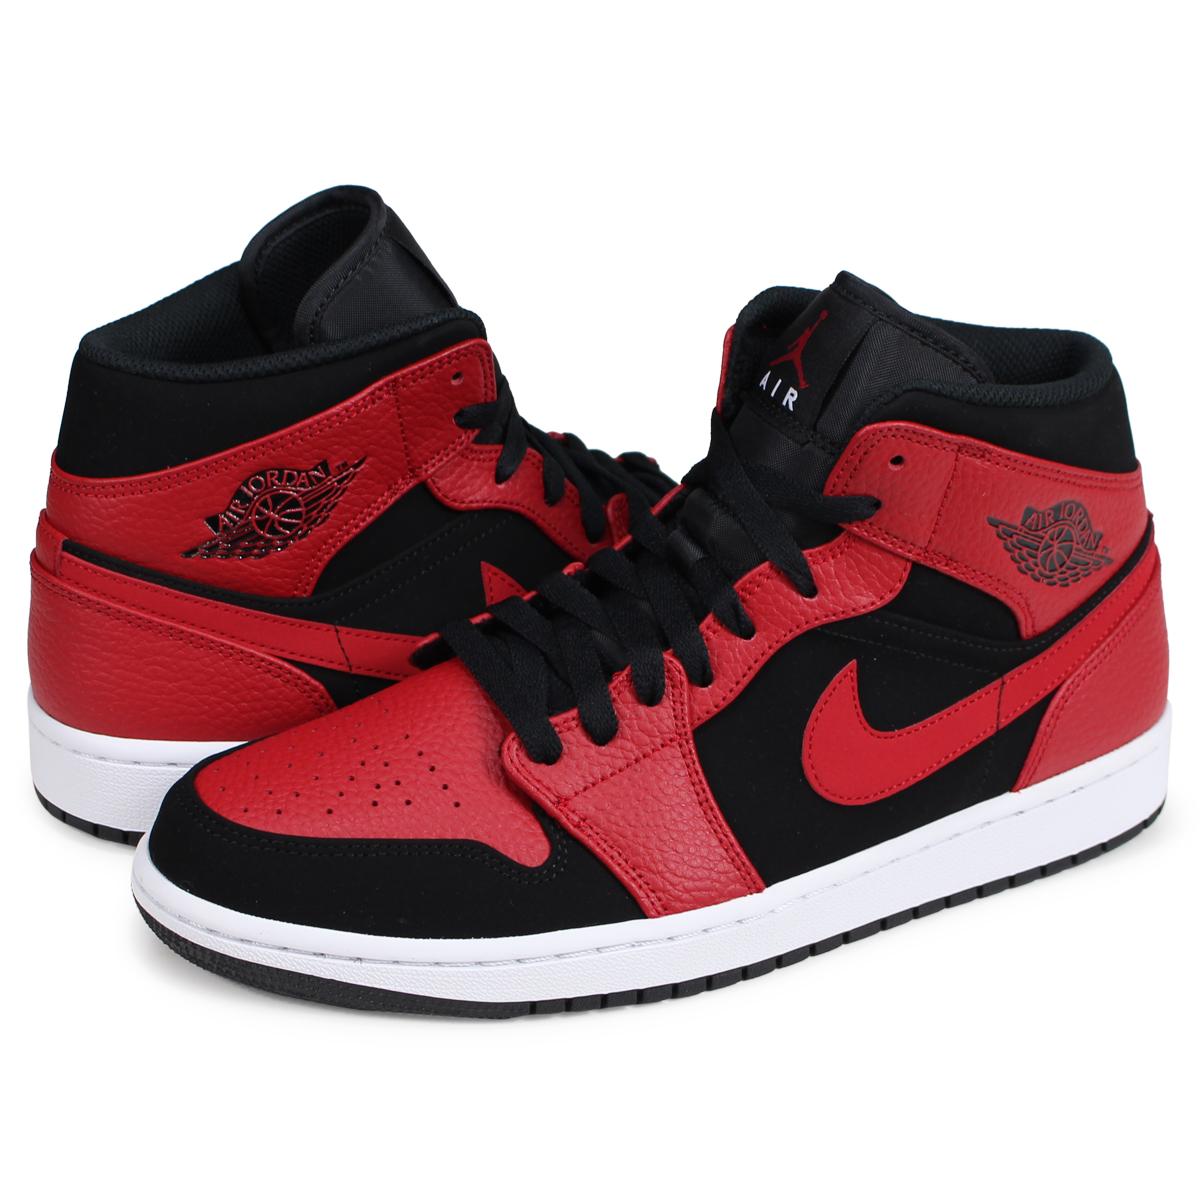 2fd2504d626 Whats up Sports  NIKE AIR JORDAN 1 MID Nike Air Jordan 1 sneakers ...